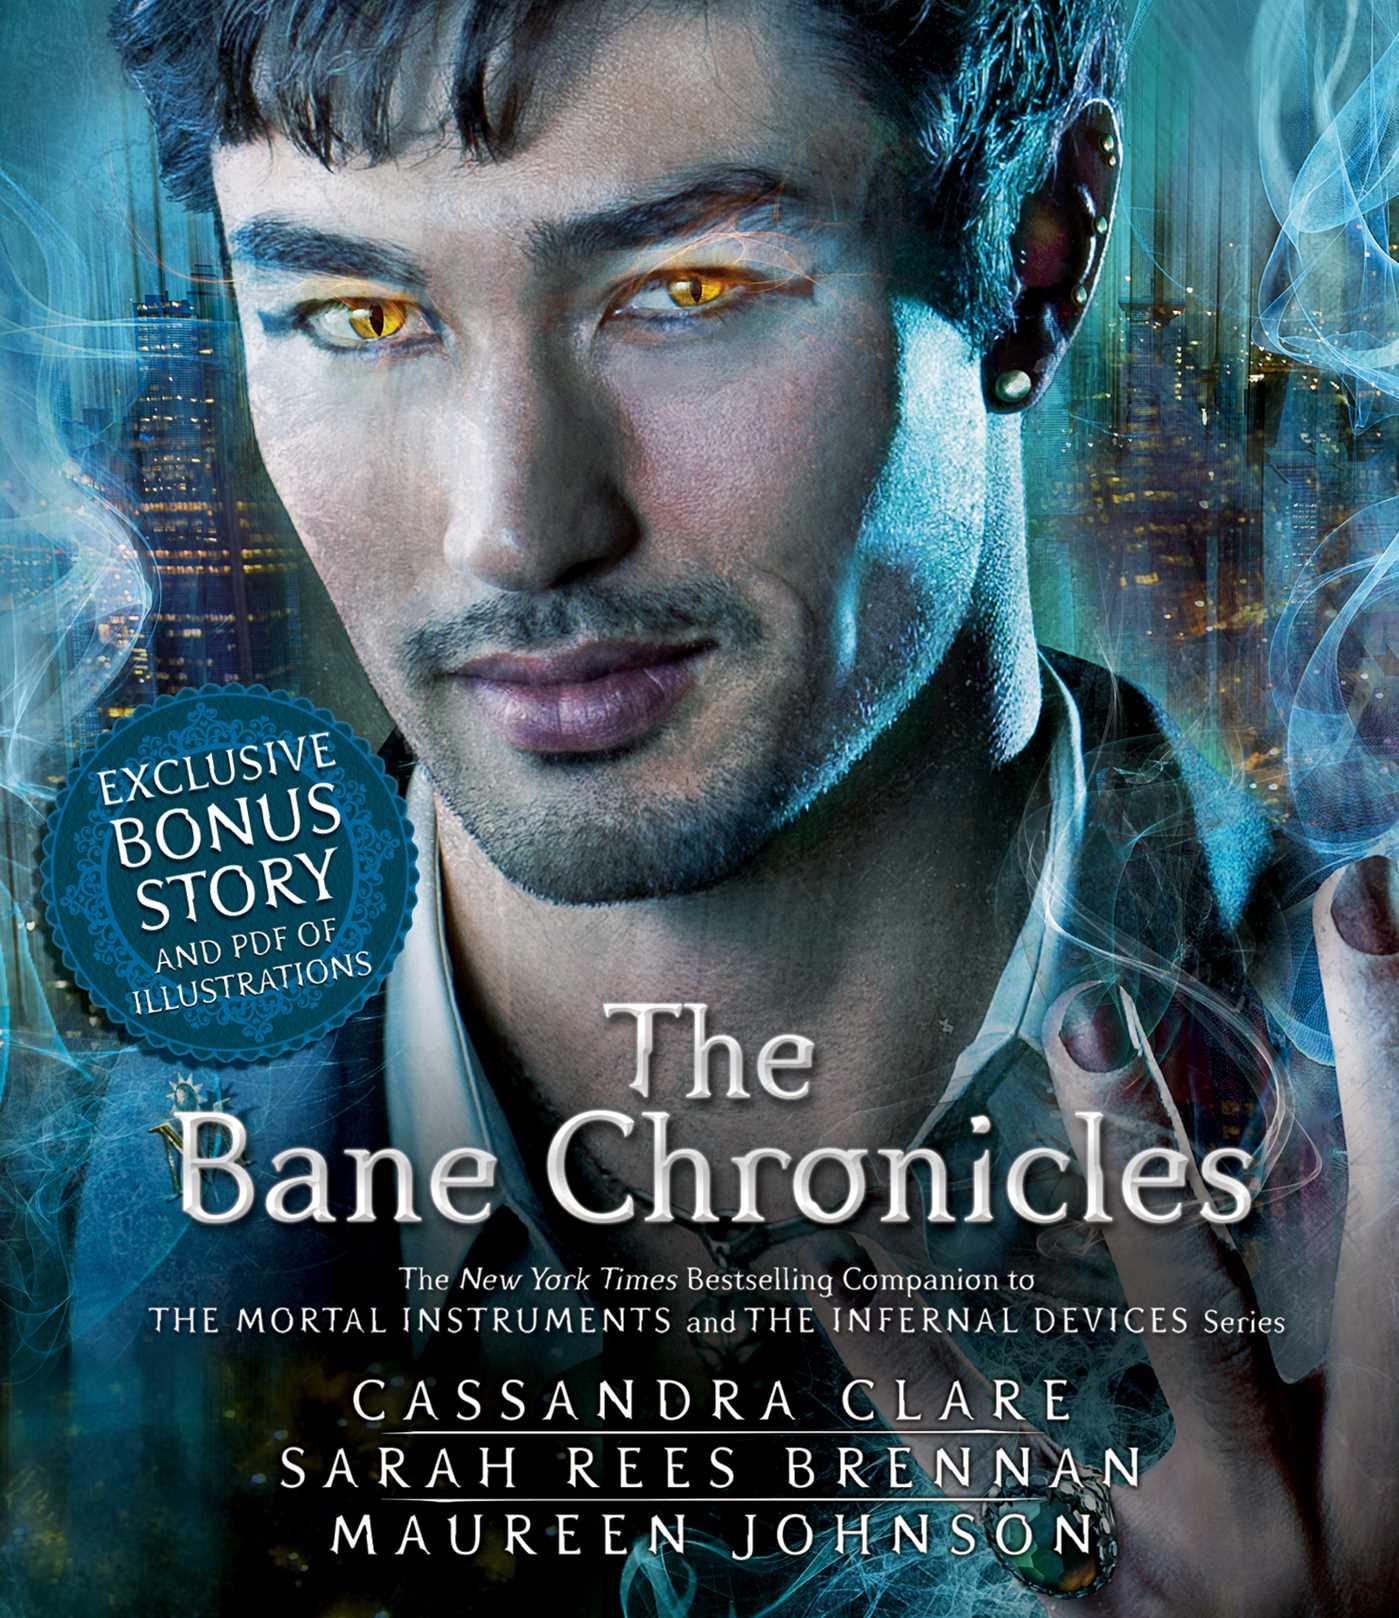 Bane chronicles 9781442372863 hr